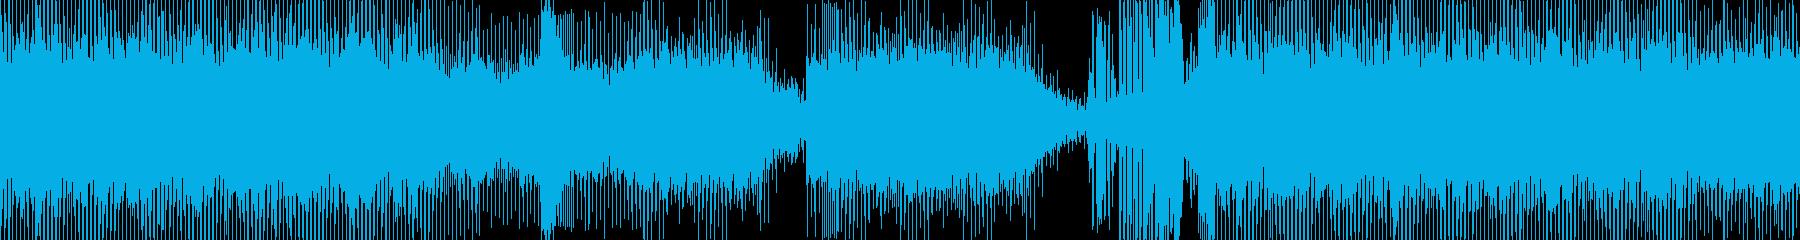 エレキトリックな音の旋律の再生済みの波形